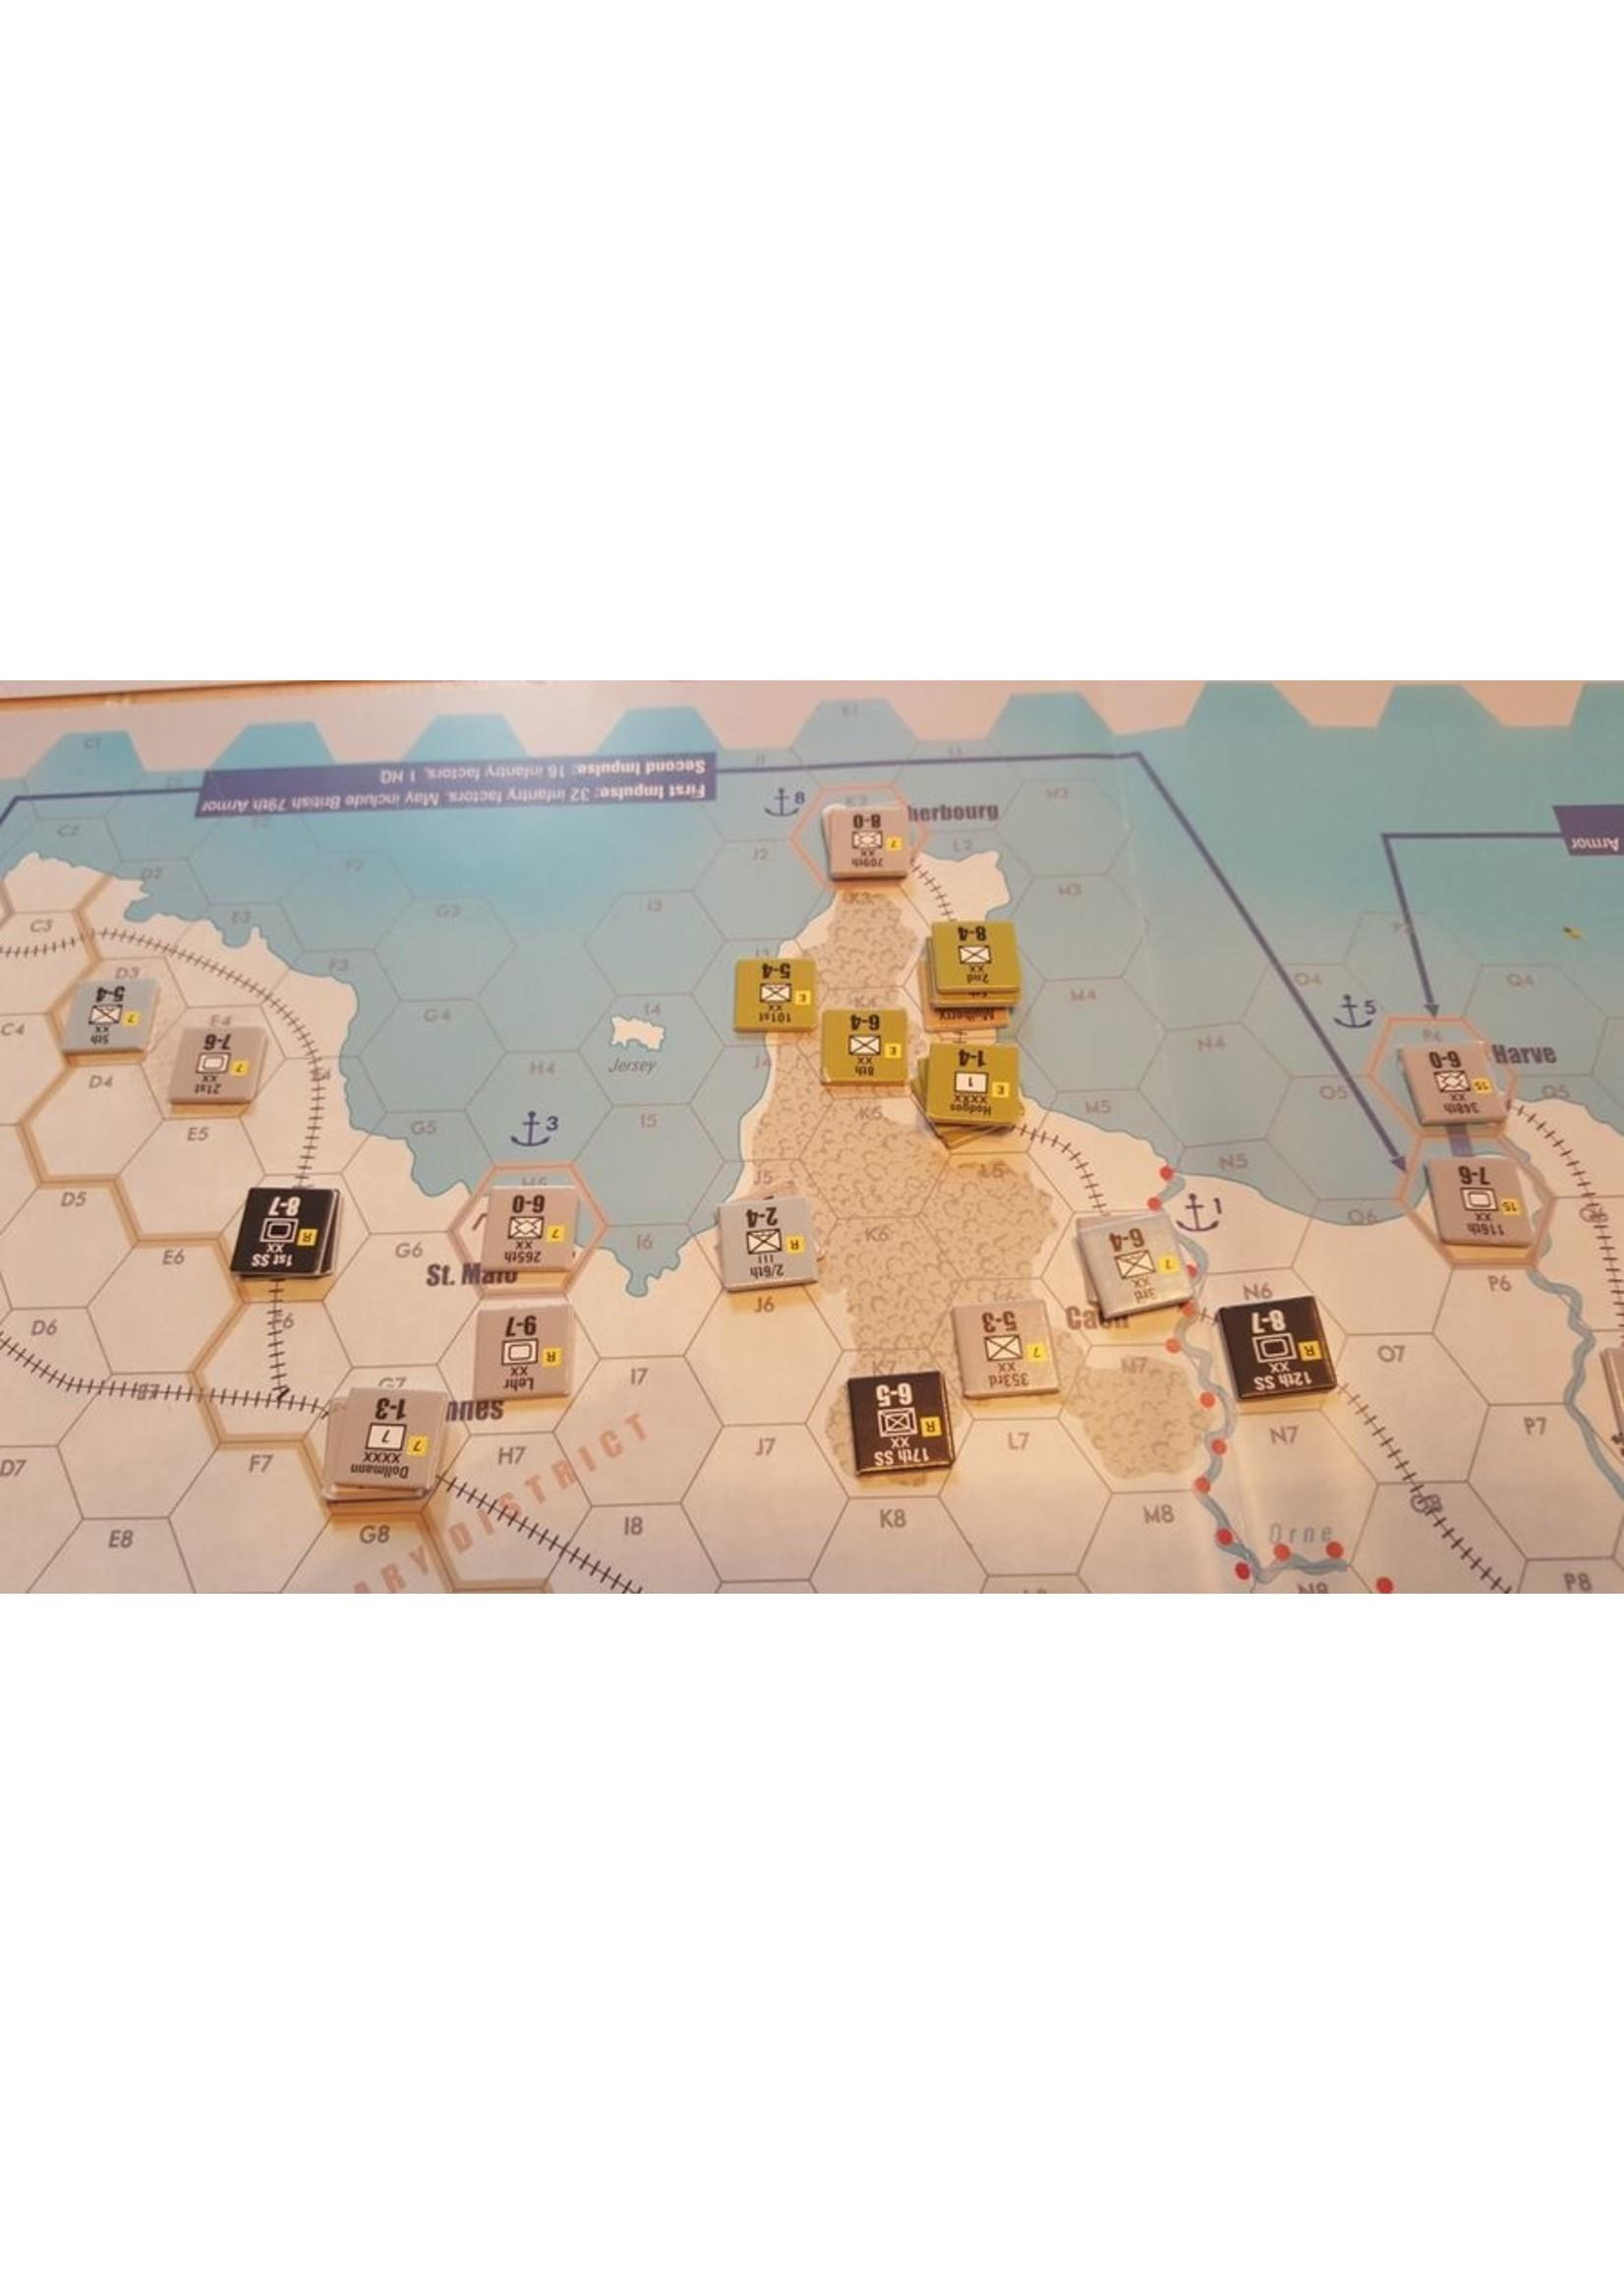 Fortress Europa: Designer Signature Edition